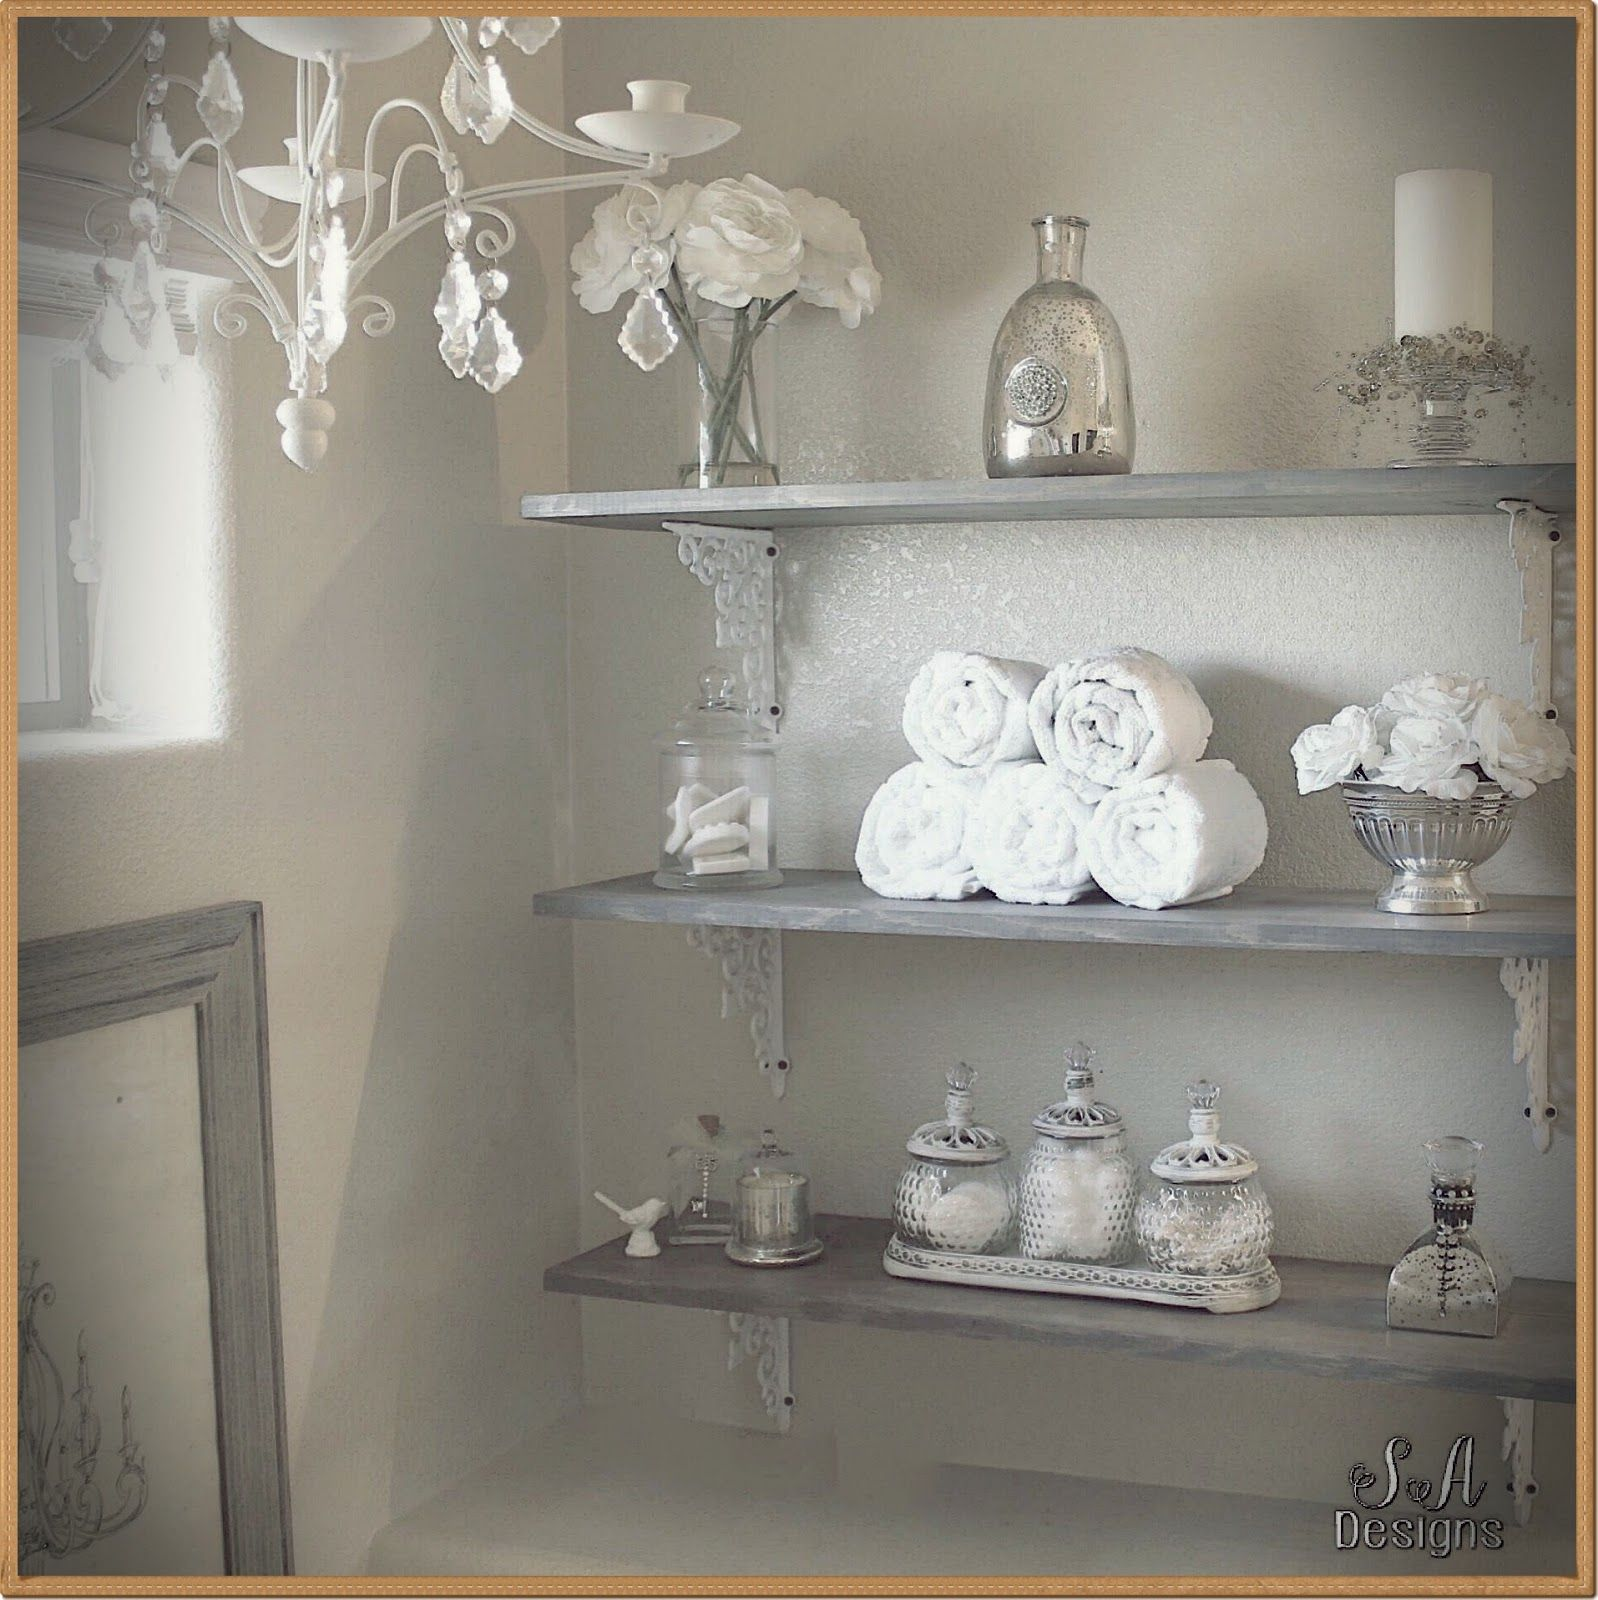 Diy Master Badezimmer Regale M Mit Bildern Badezimmer Regal Haus Deko Dekor